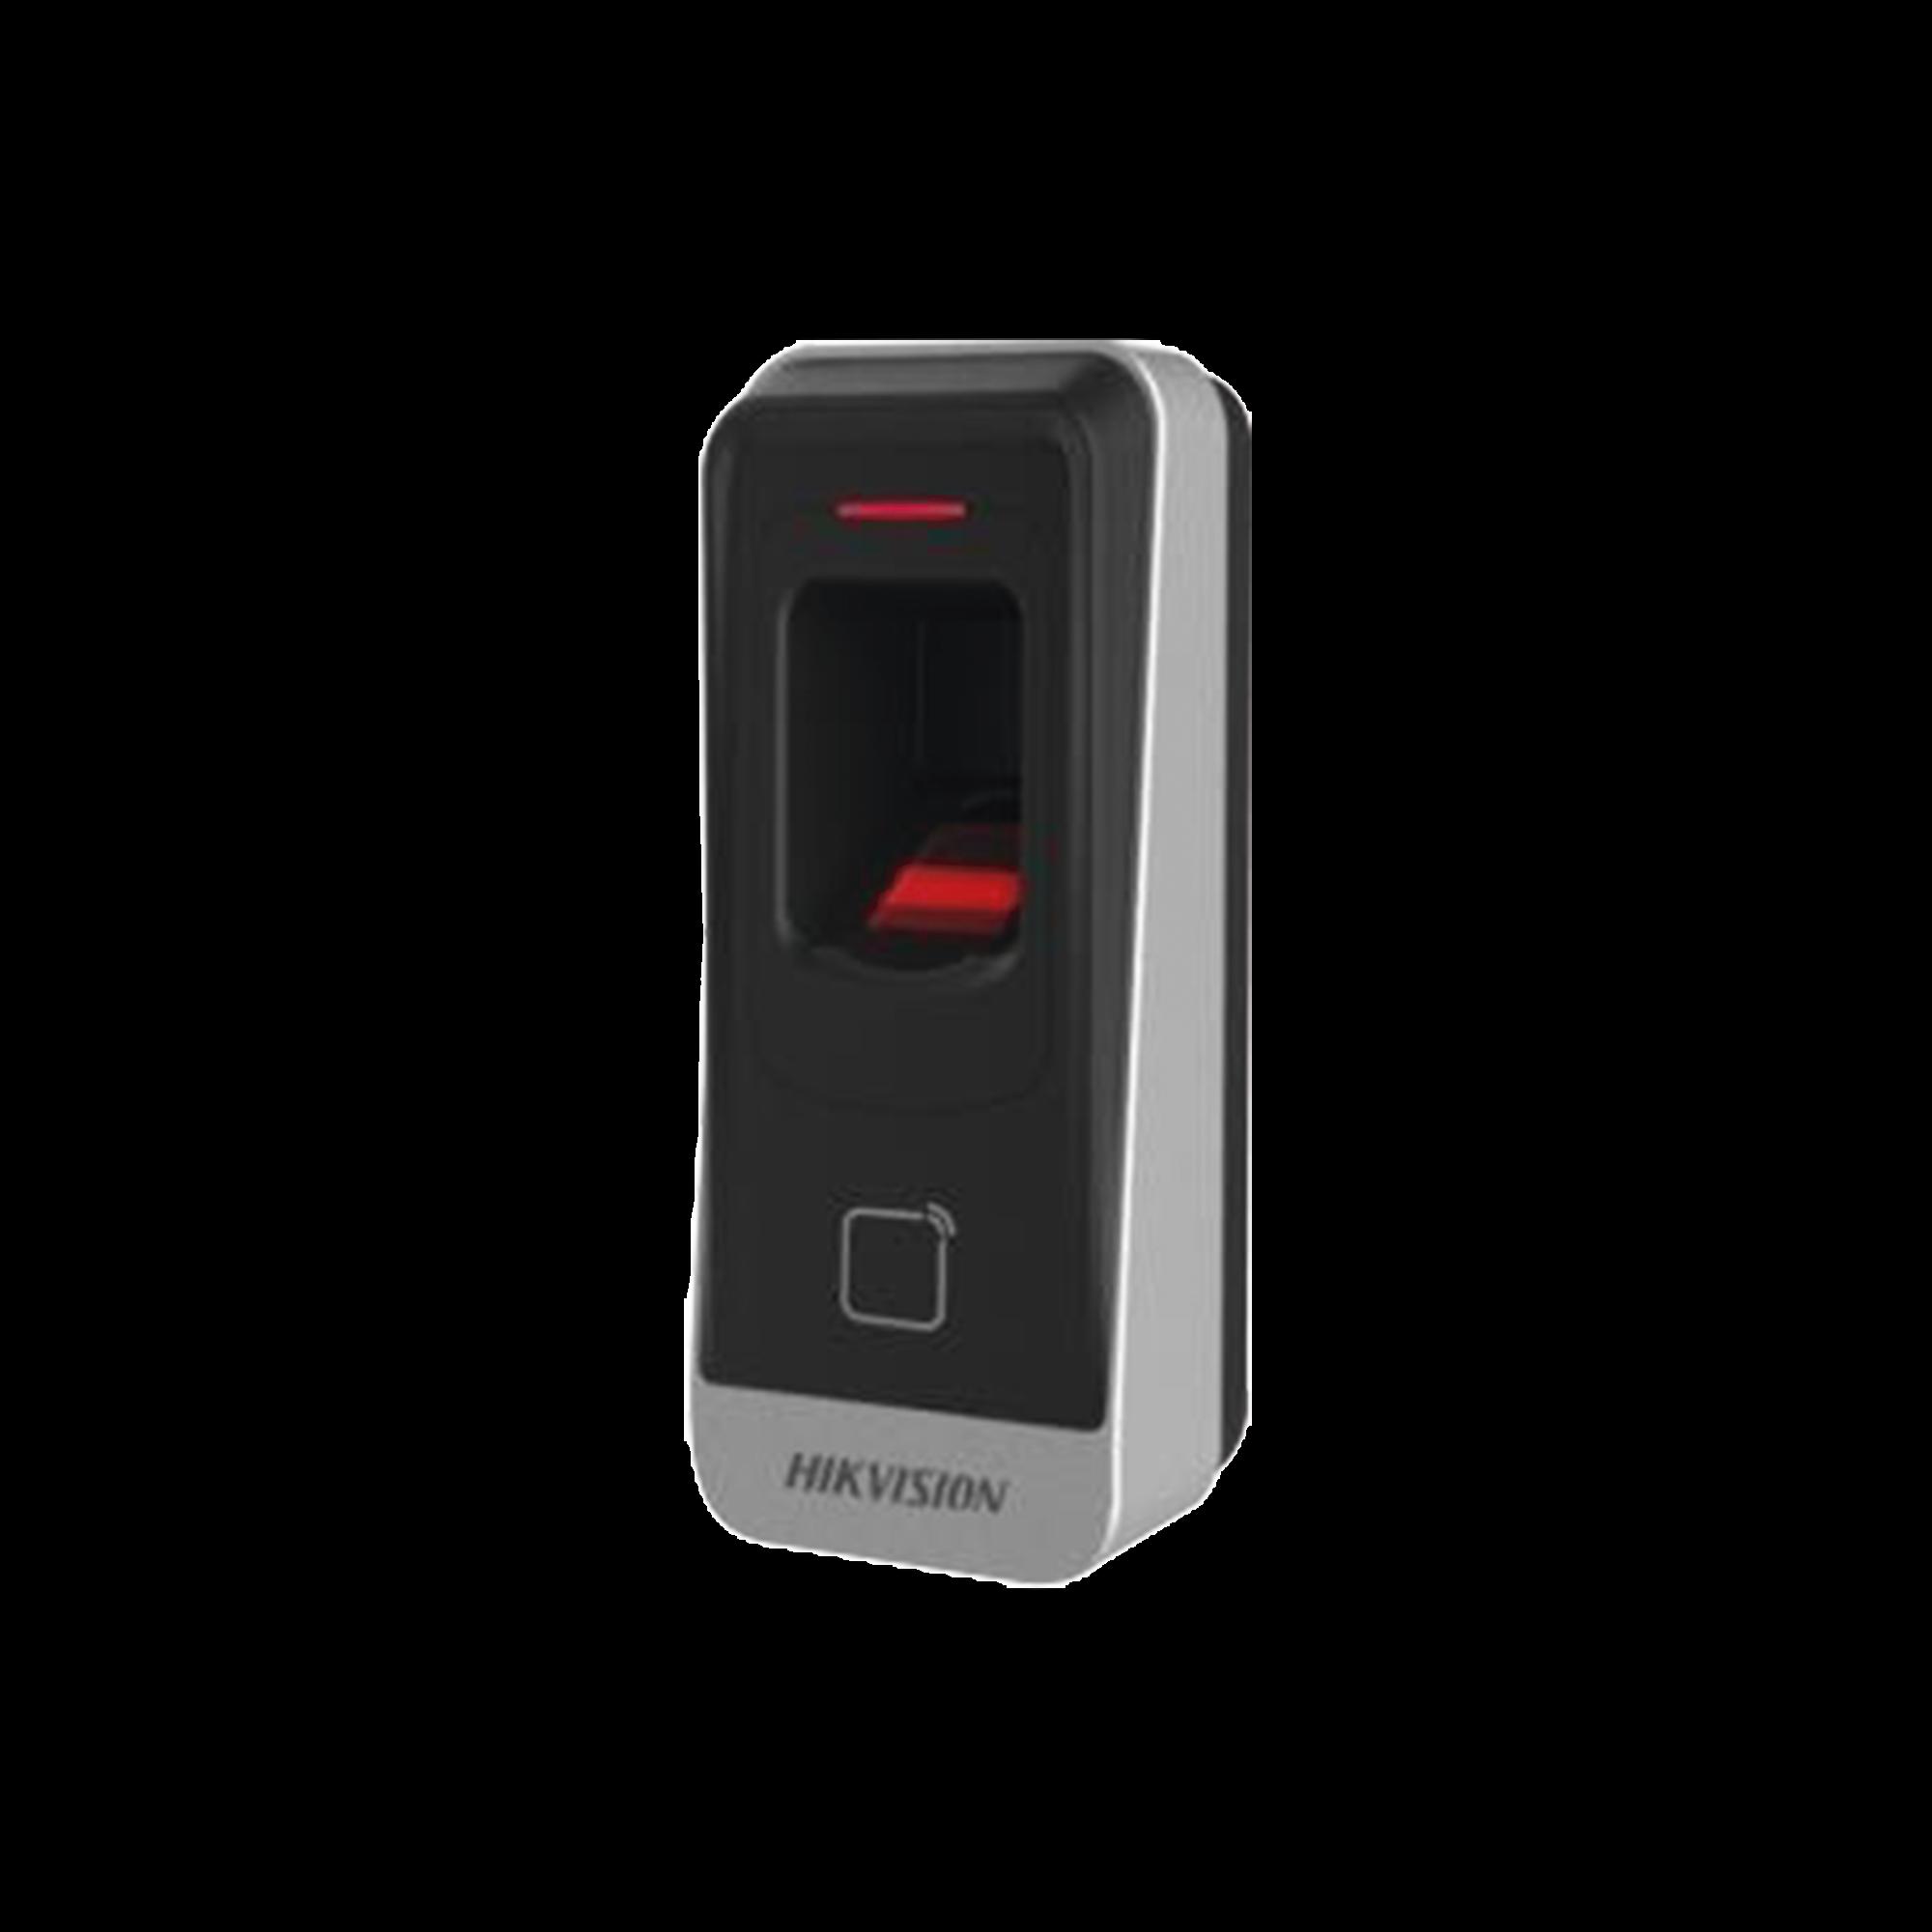 Lector esclavo PROX EM IP65 / Huella Digital / Lector de Tarjetas de Proximidad / RS-485 / Interior y Exterior / Requiere Panel de Control de Acceso DS-K2604,02,01